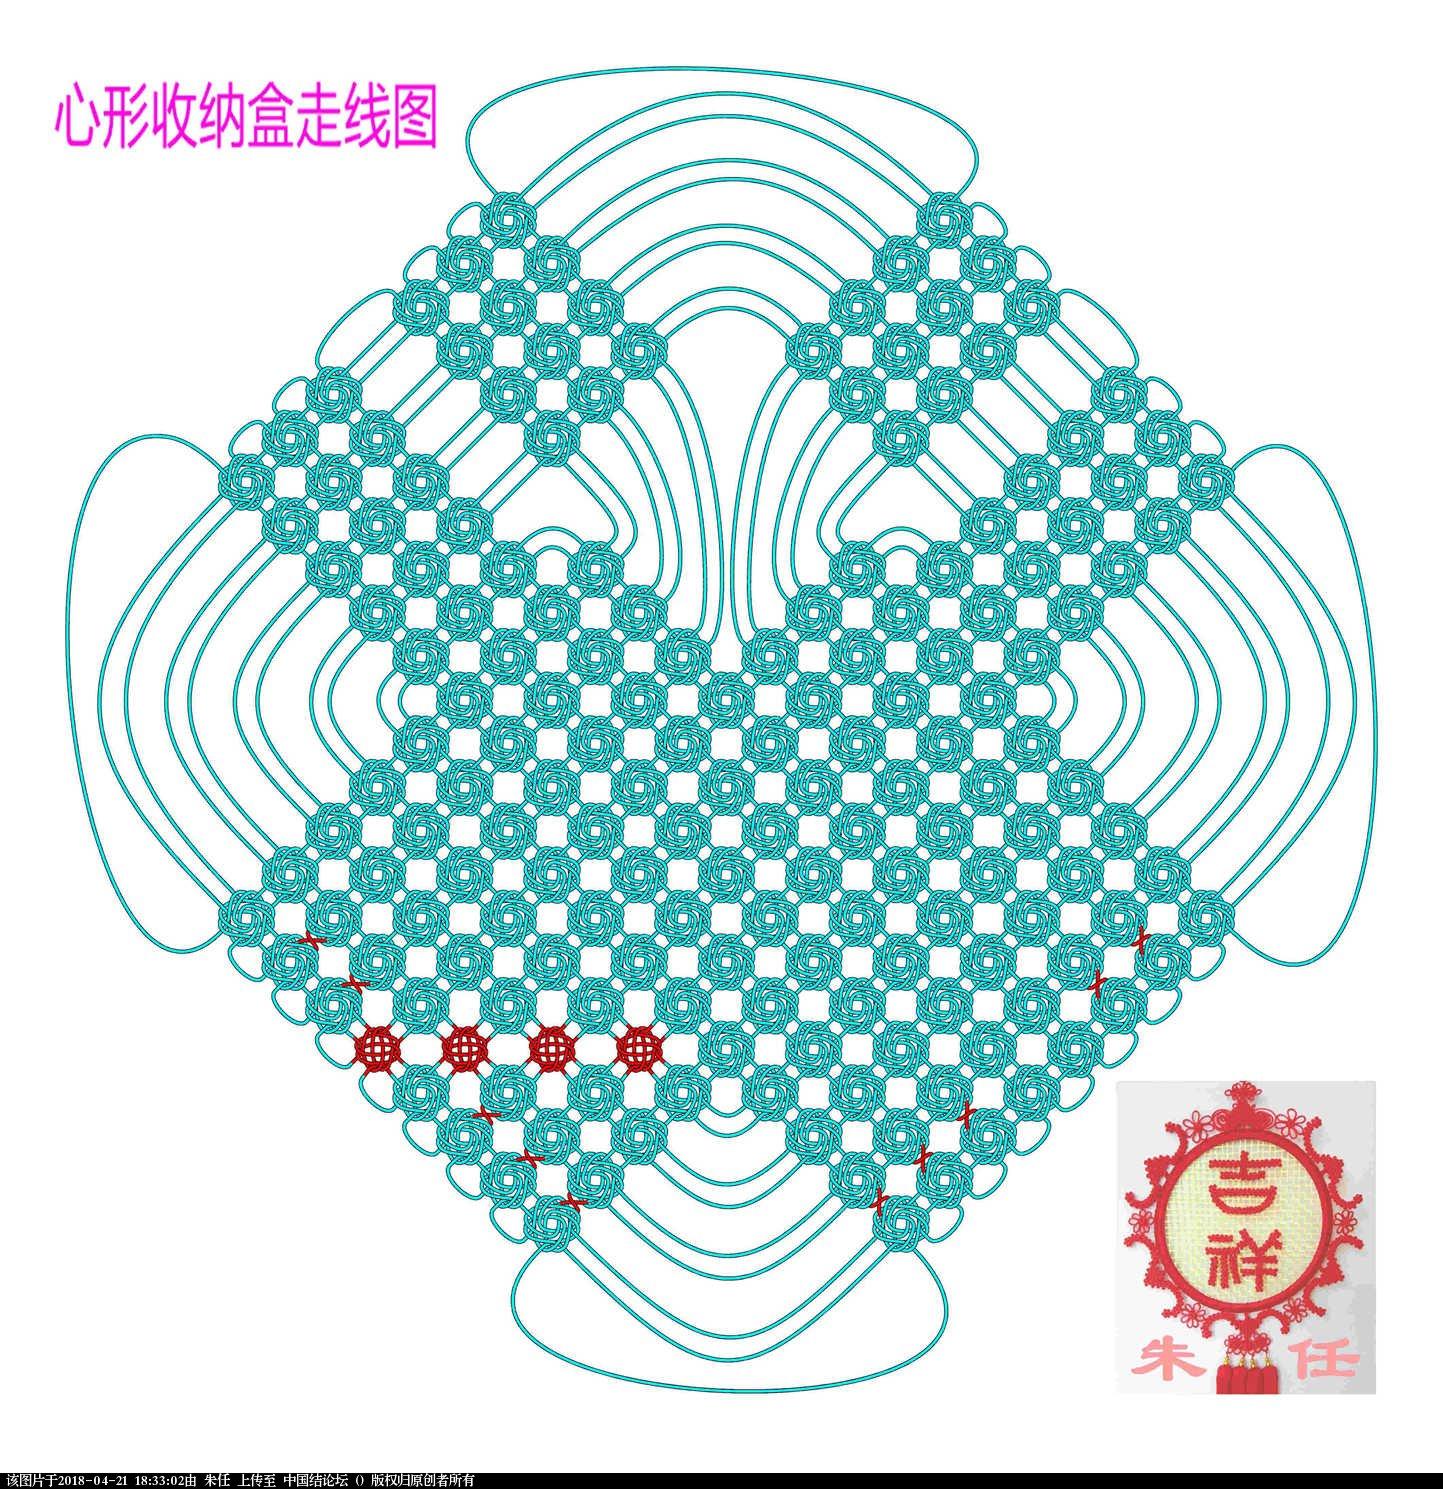 中国结论坛 为草莓花蕾的冰花结心形收纳筐及筐边画走线图  作品展示 183052ul91sju1nnx780sw